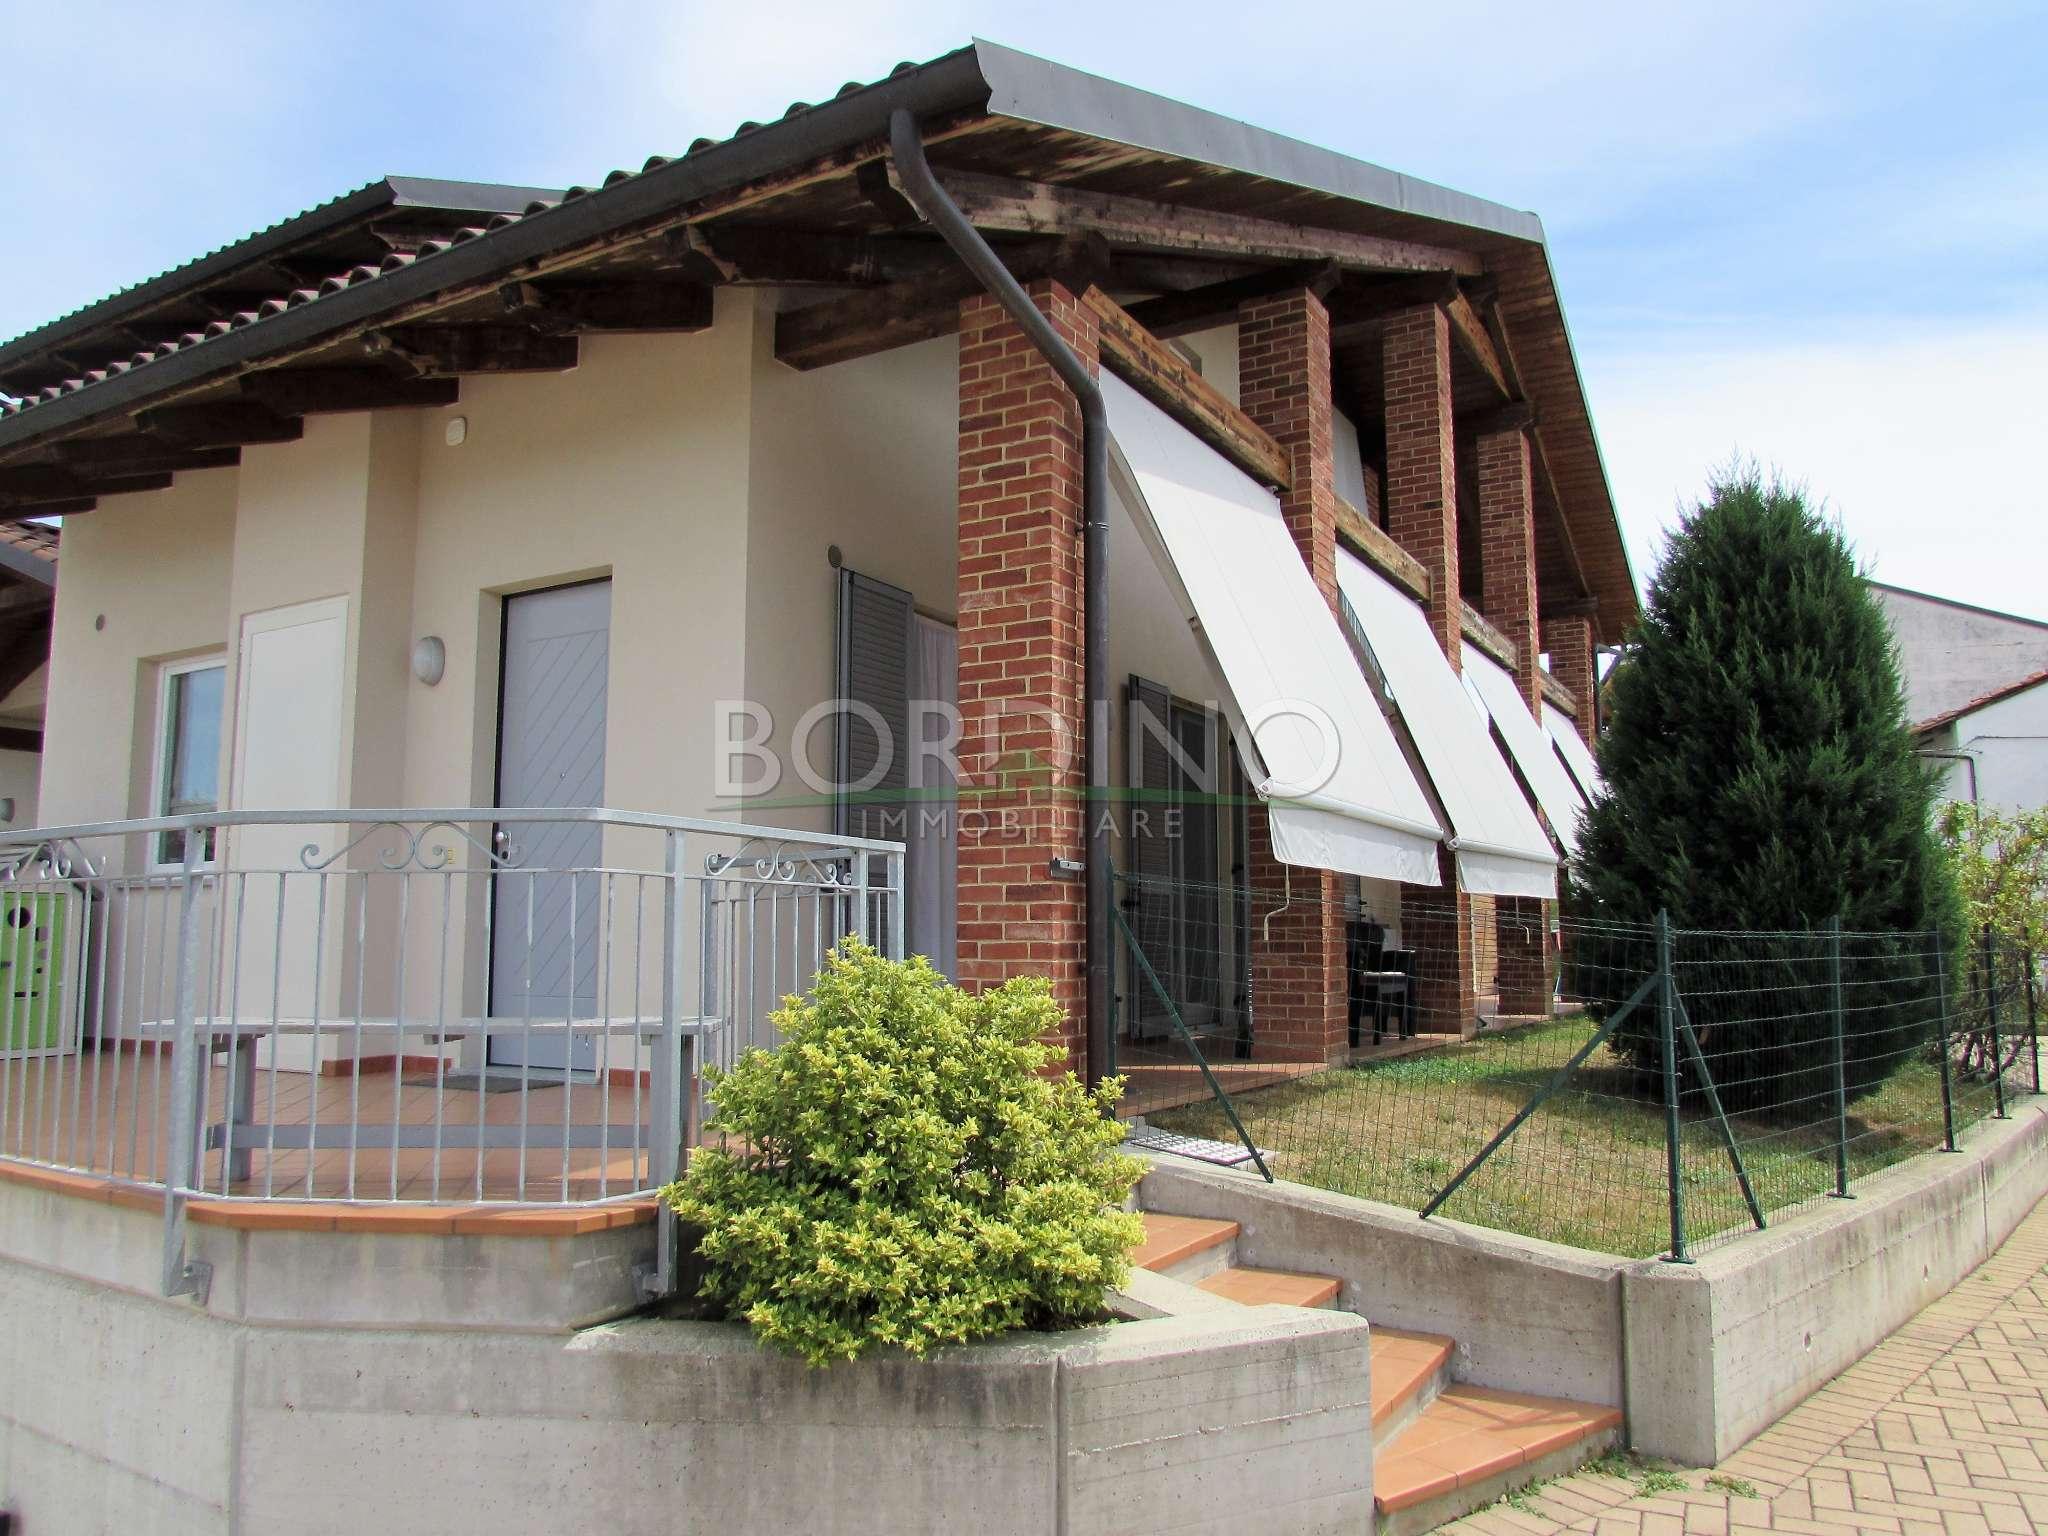 Soluzione Indipendente in vendita a Montà, 4 locali, prezzo € 198.000 | PortaleAgenzieImmobiliari.it